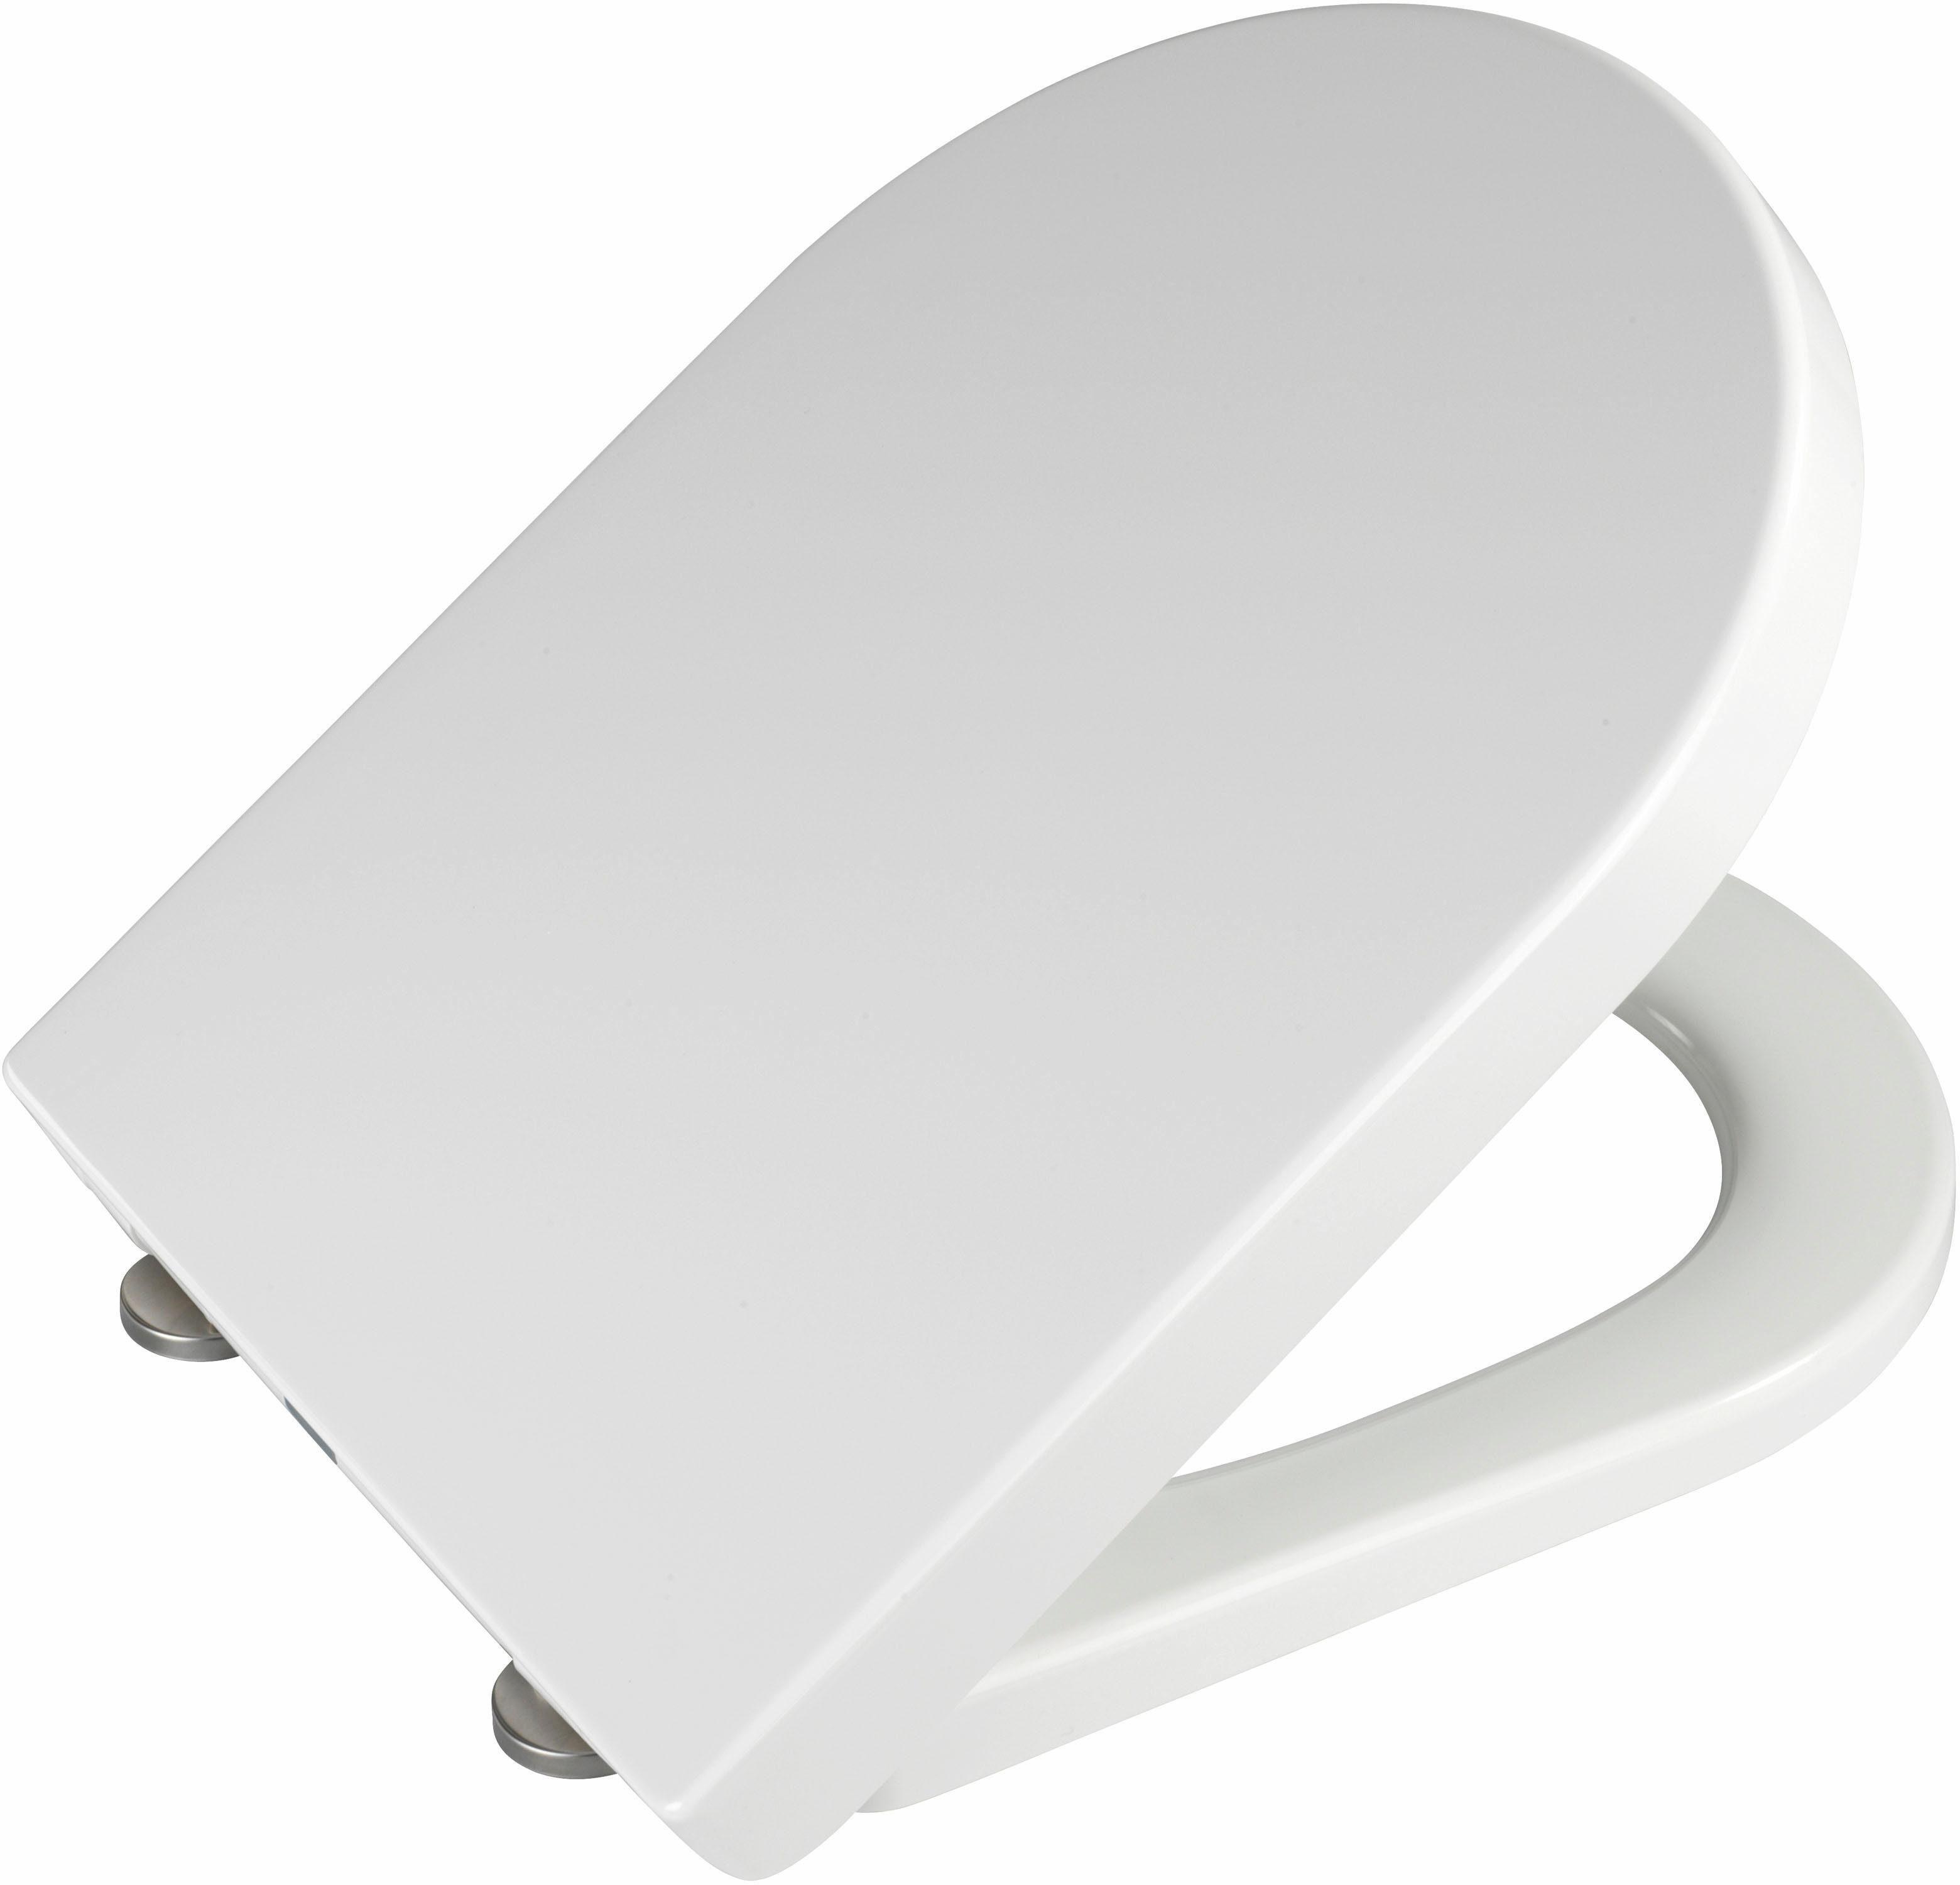 WENKO Premium WC-Sitz Palma, mit Absenkautomatik